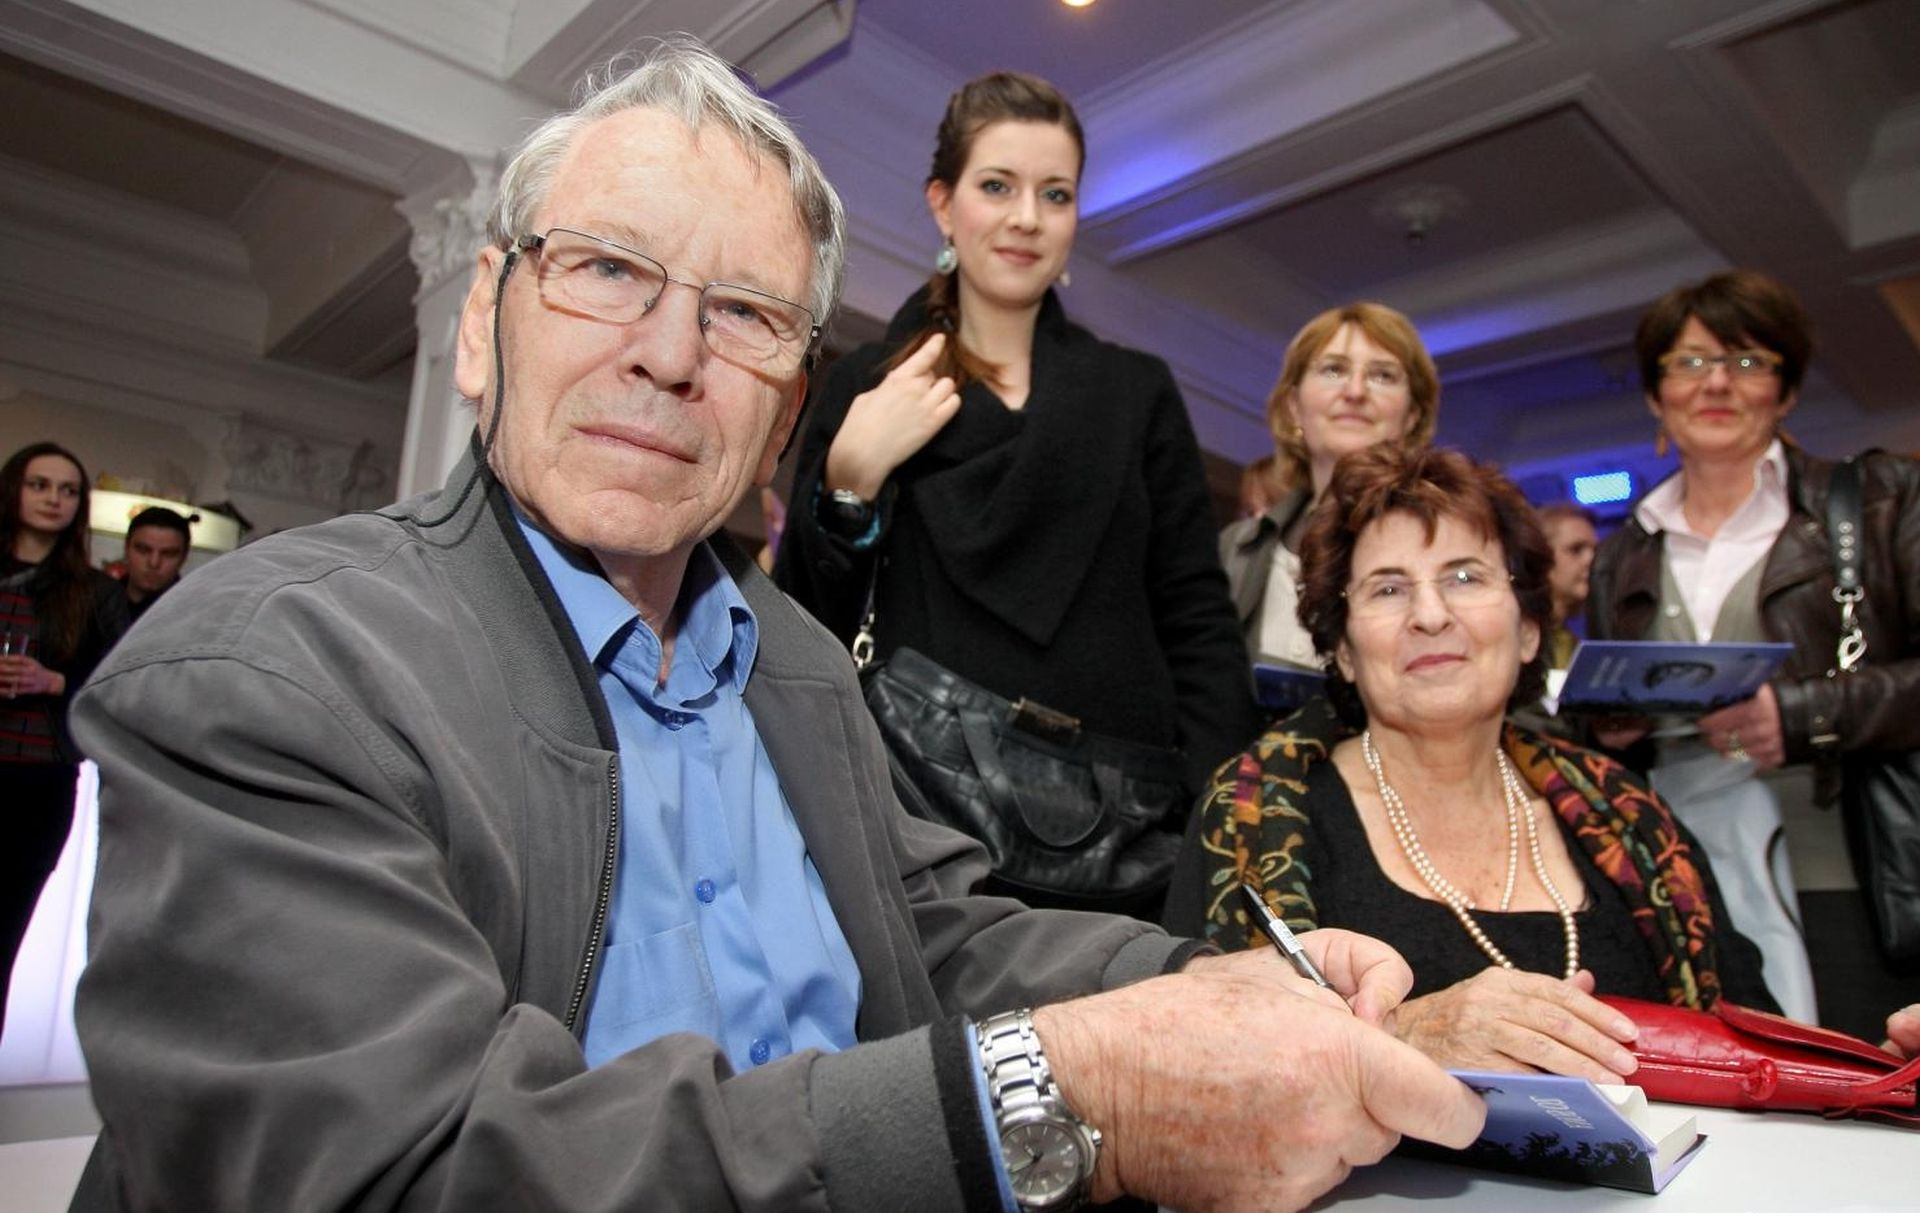 Izraelski pisac Amoz Oz biti će pokopan u kibucu Huldi